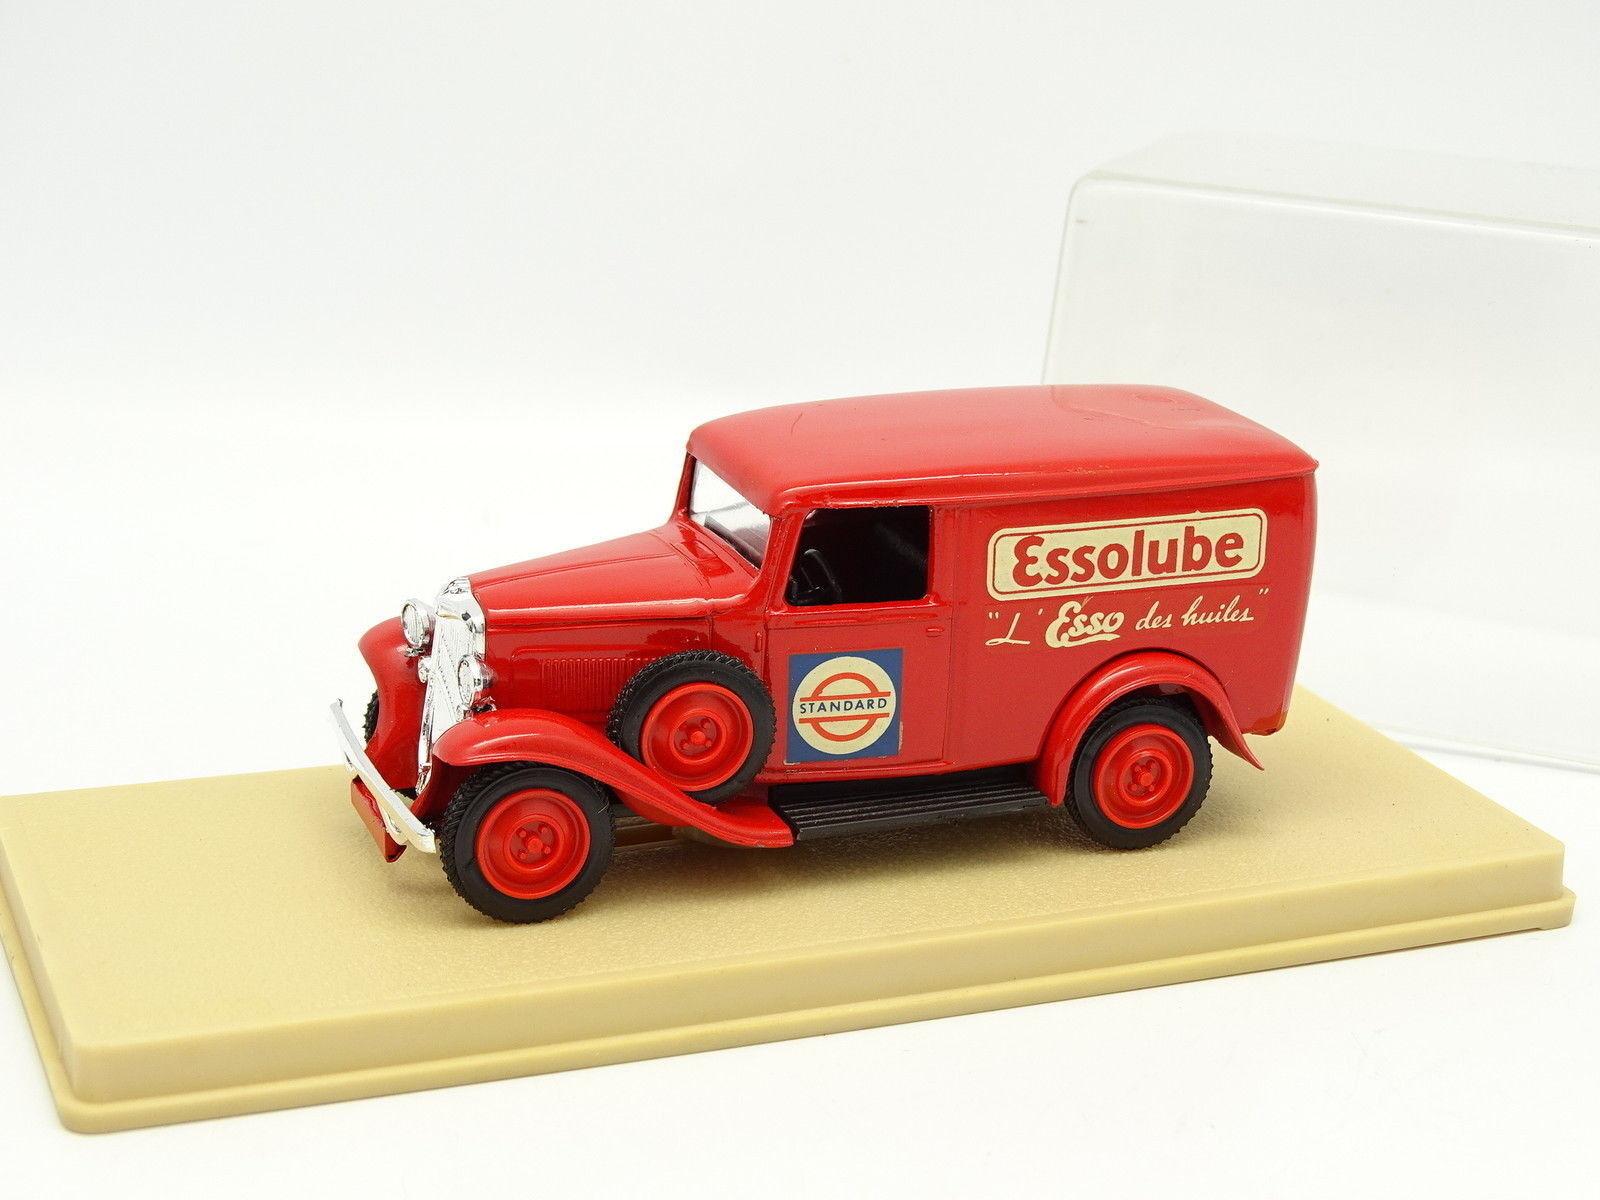 Eligor 1 43 - Citroen 500kg pinklie Esso Essolube